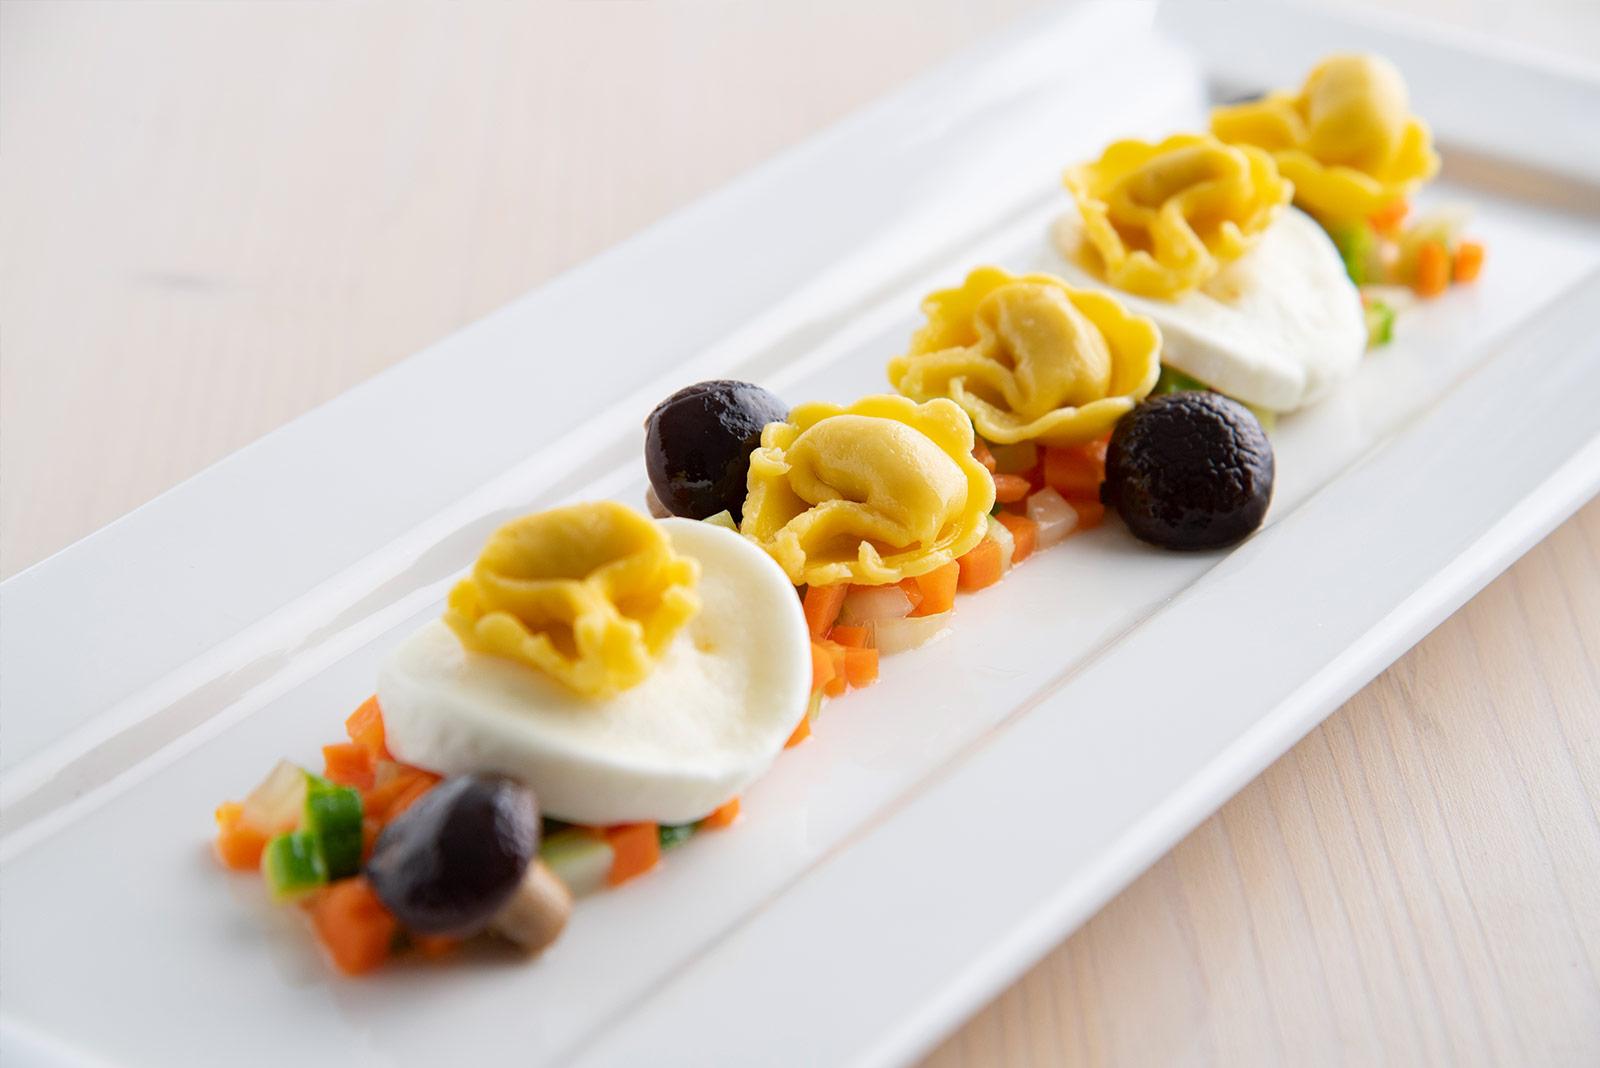 Ricetta Cappelletti al crudo con mirepoix di verdure stufate con mozzarella di bufala filente - Pasta di Venezia